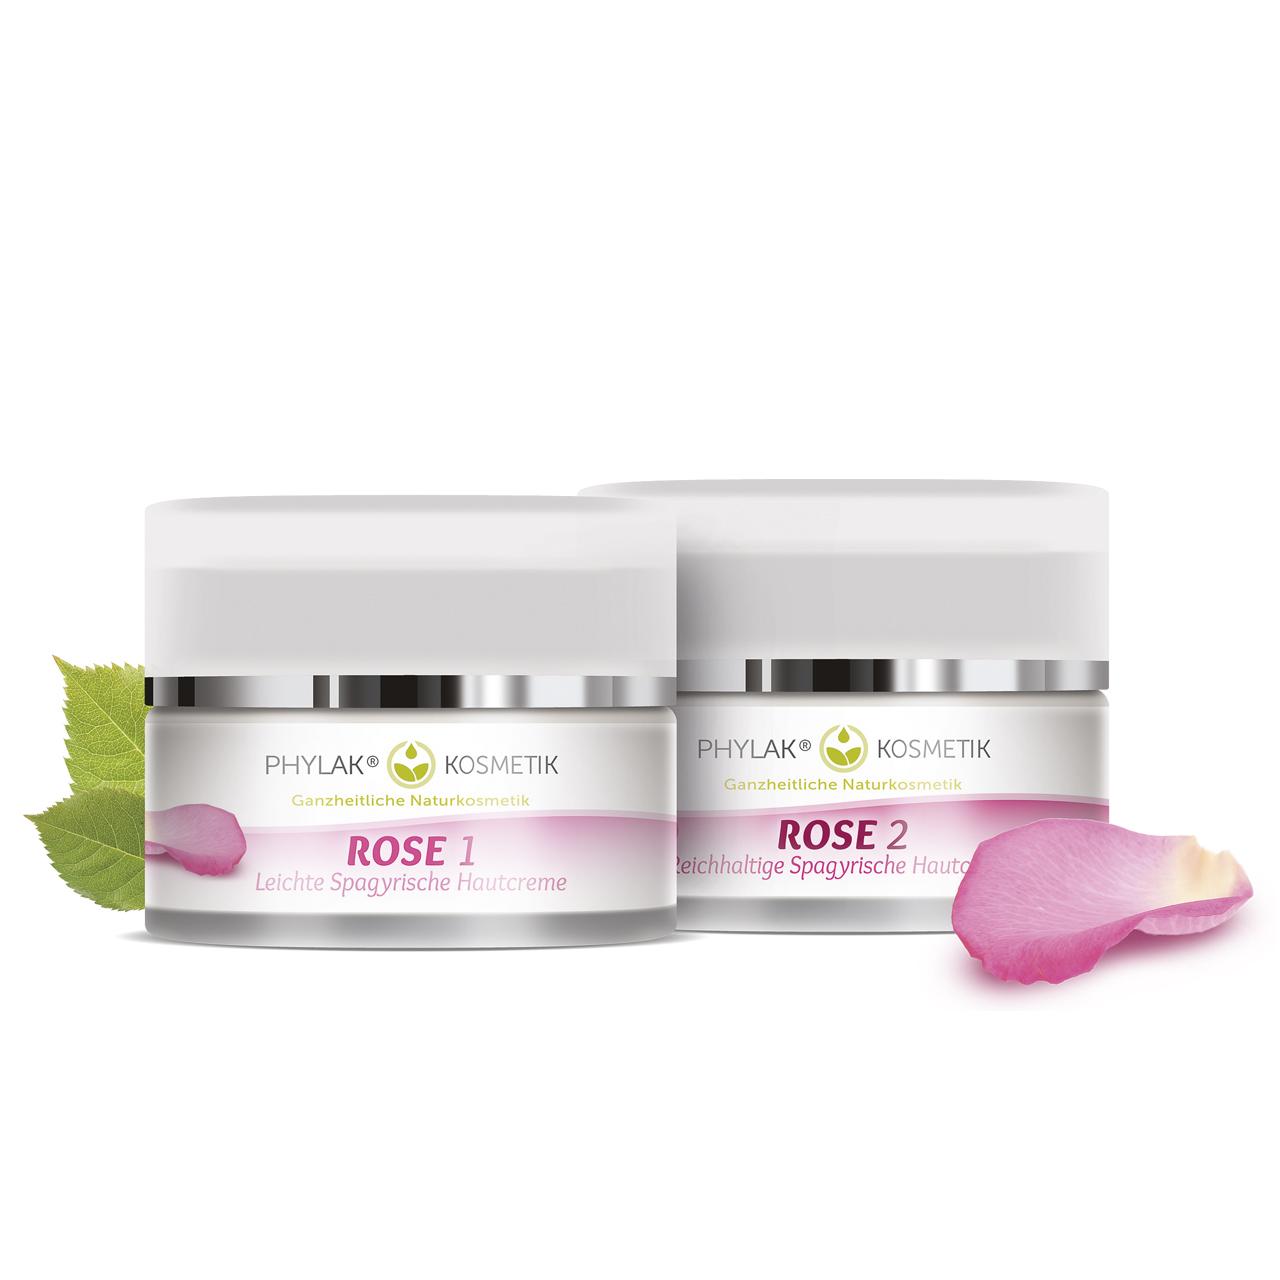 ROSE 2 – Reichhaltige Spagyrische Hautcreme